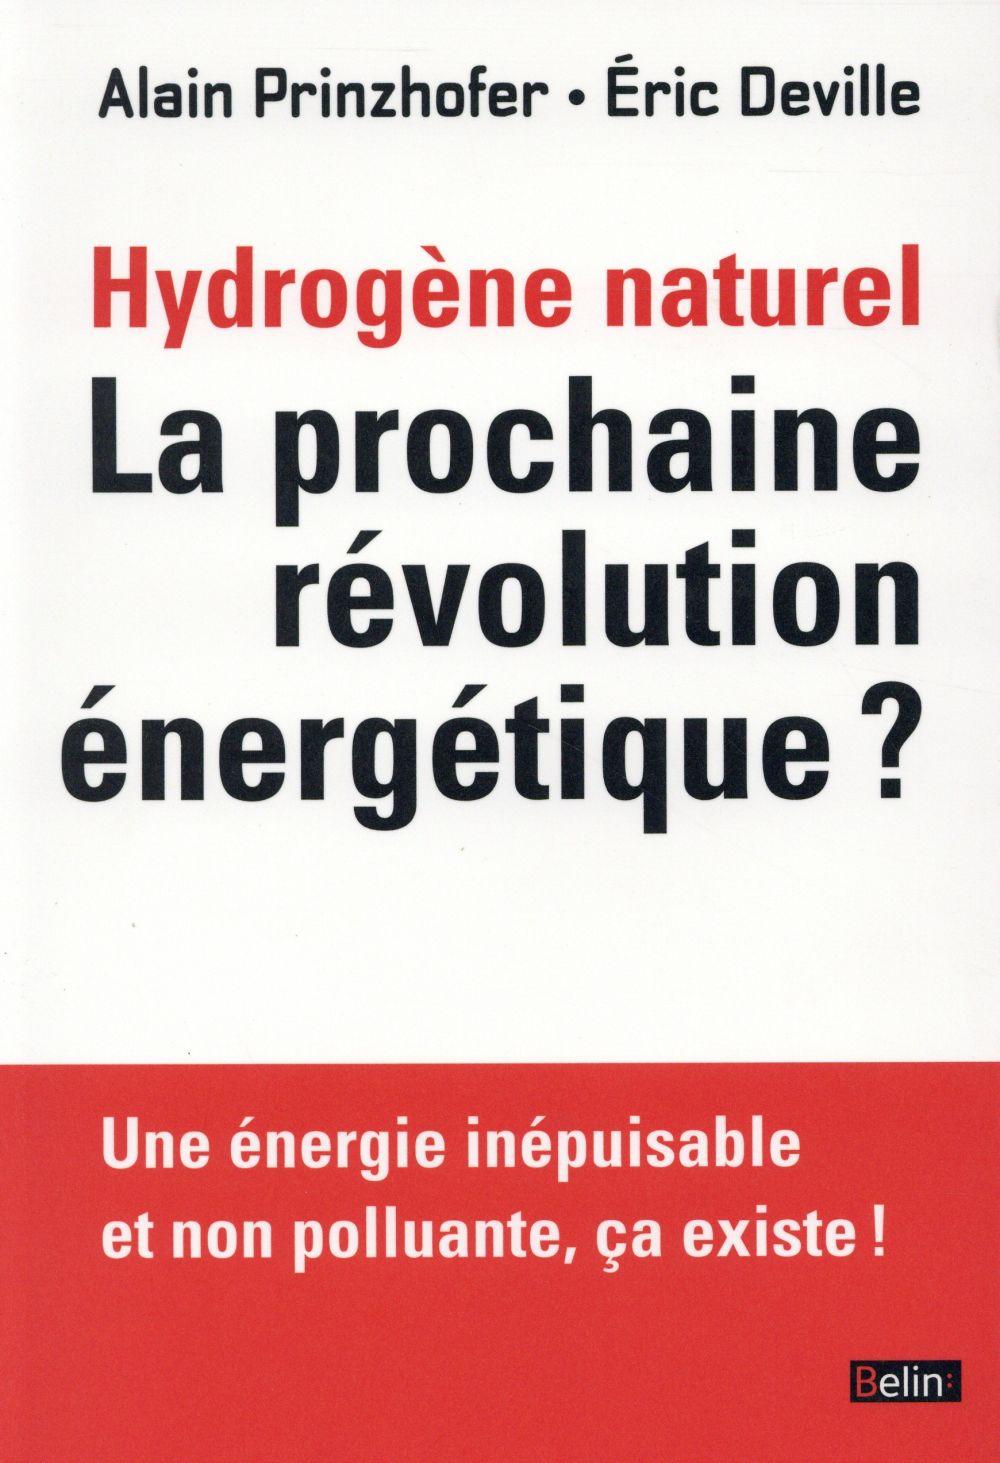 L'hydrogène naturel ; une énergie inépuisable et non polluante